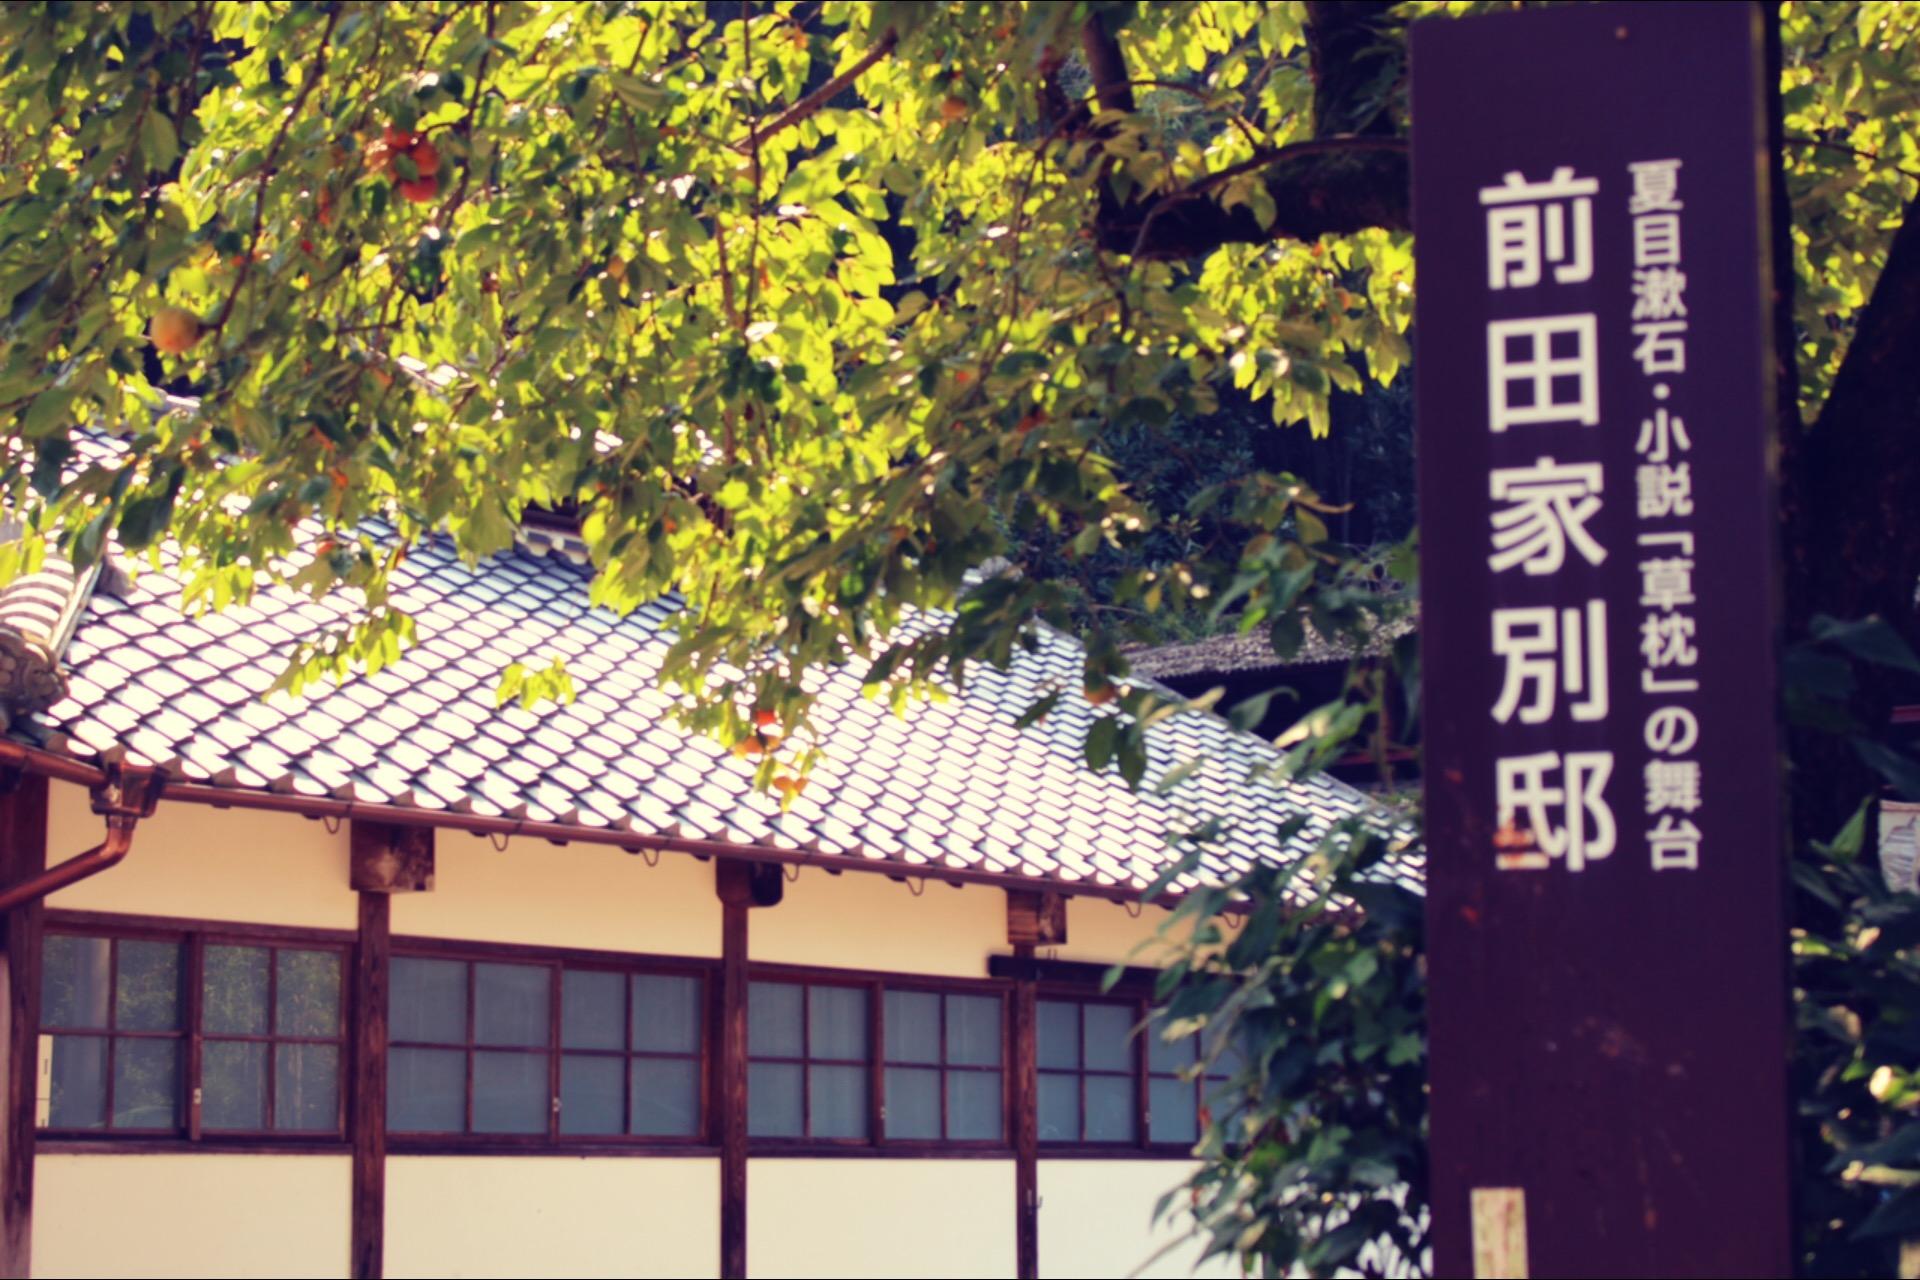 【前田家別邸】天水!夏目漱石の小説「草枕」の舞台へ行ってきた